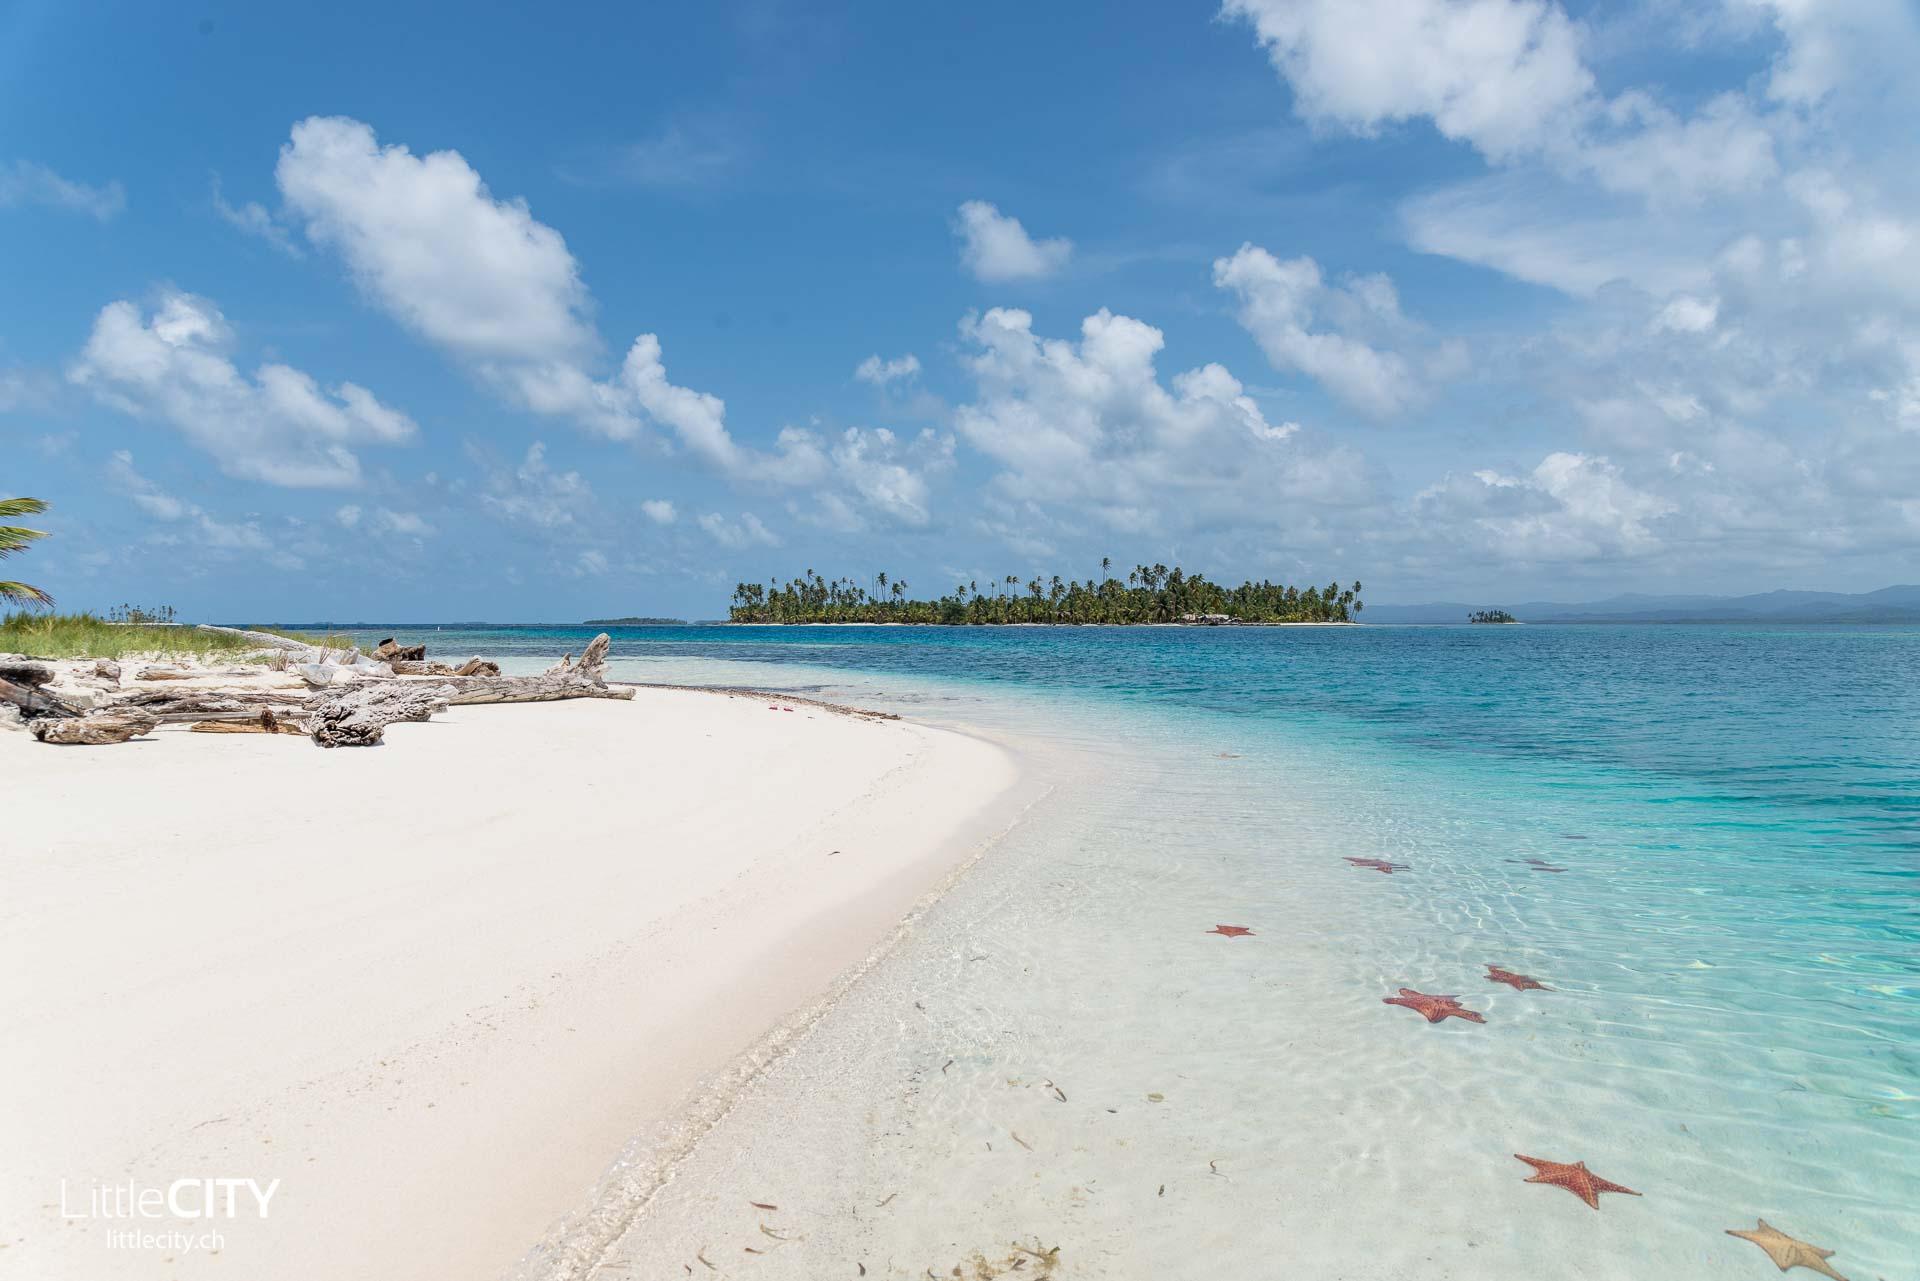 San Blas Inseln Reisetipps Seesterne